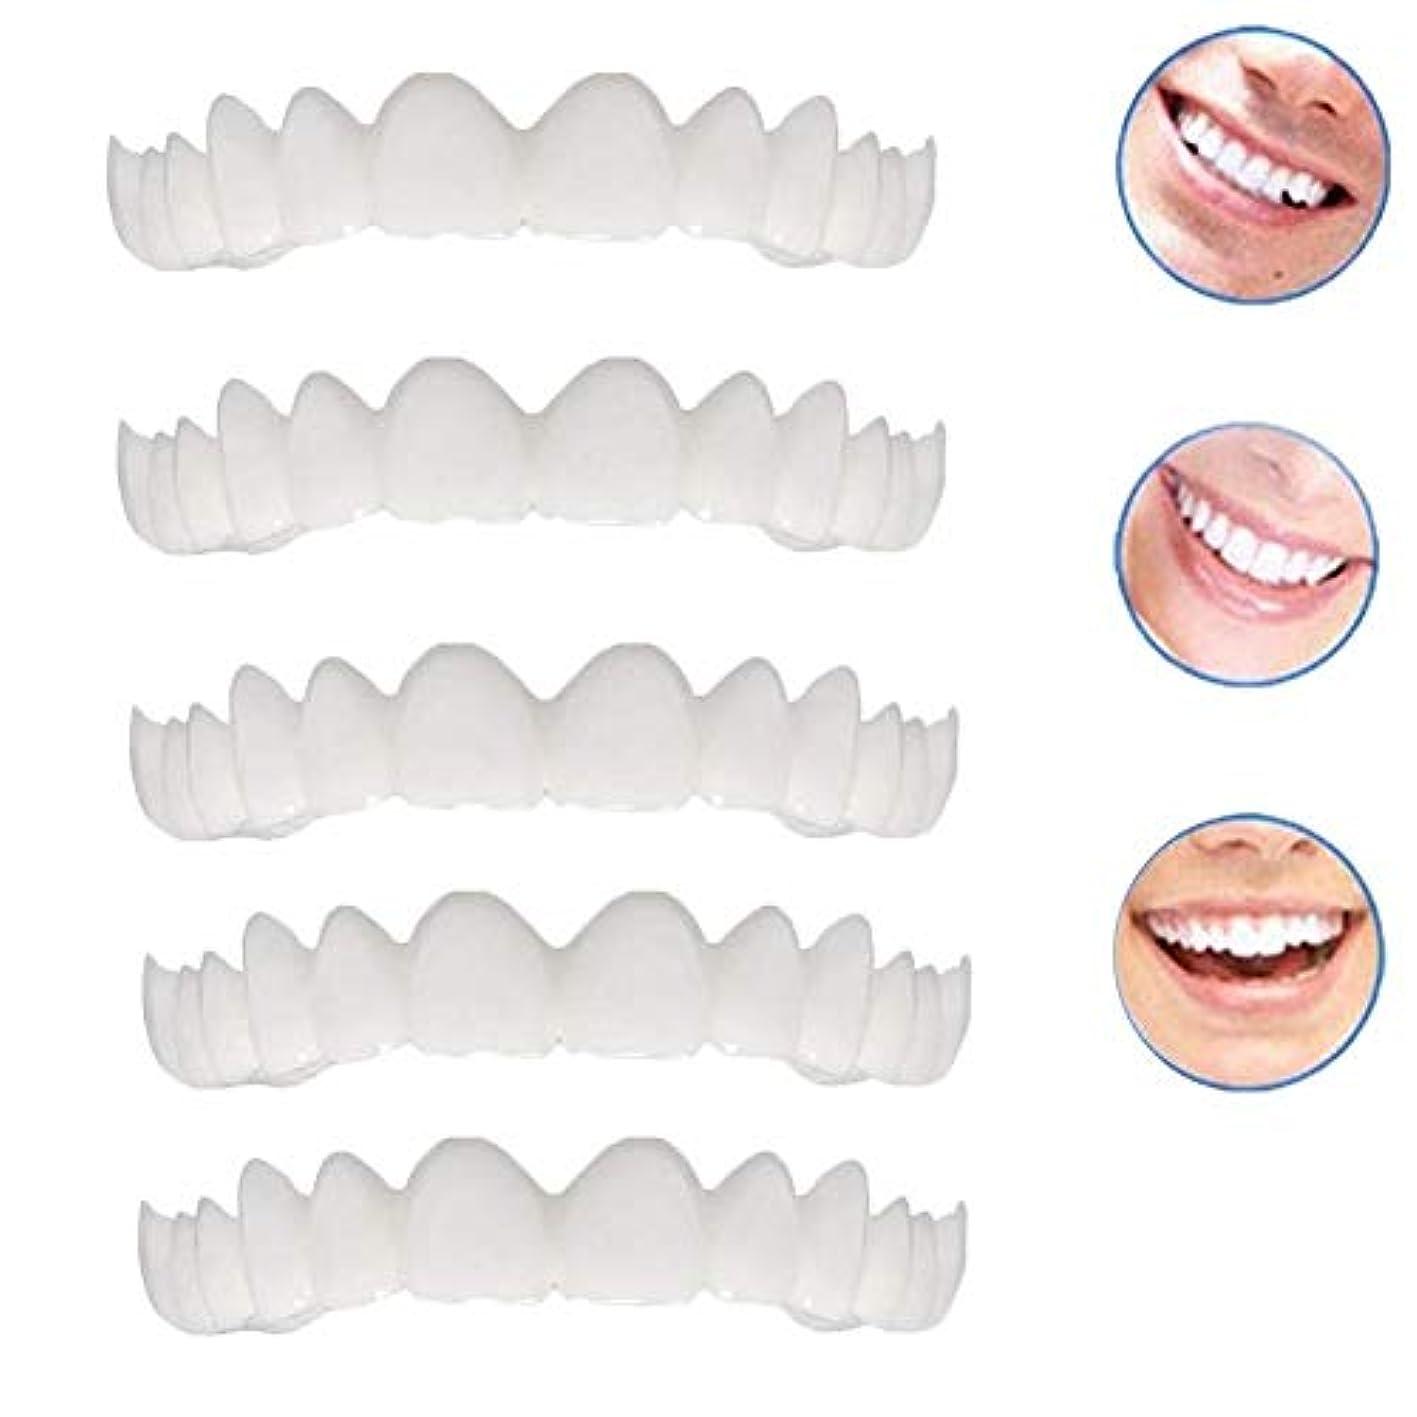 トンネルタイマー上下する2本の偽のベニヤ修正歯のトップホワイトニング化粧品義歯修正のための悪い歯のための新しいプロの笑顔のベニヤ